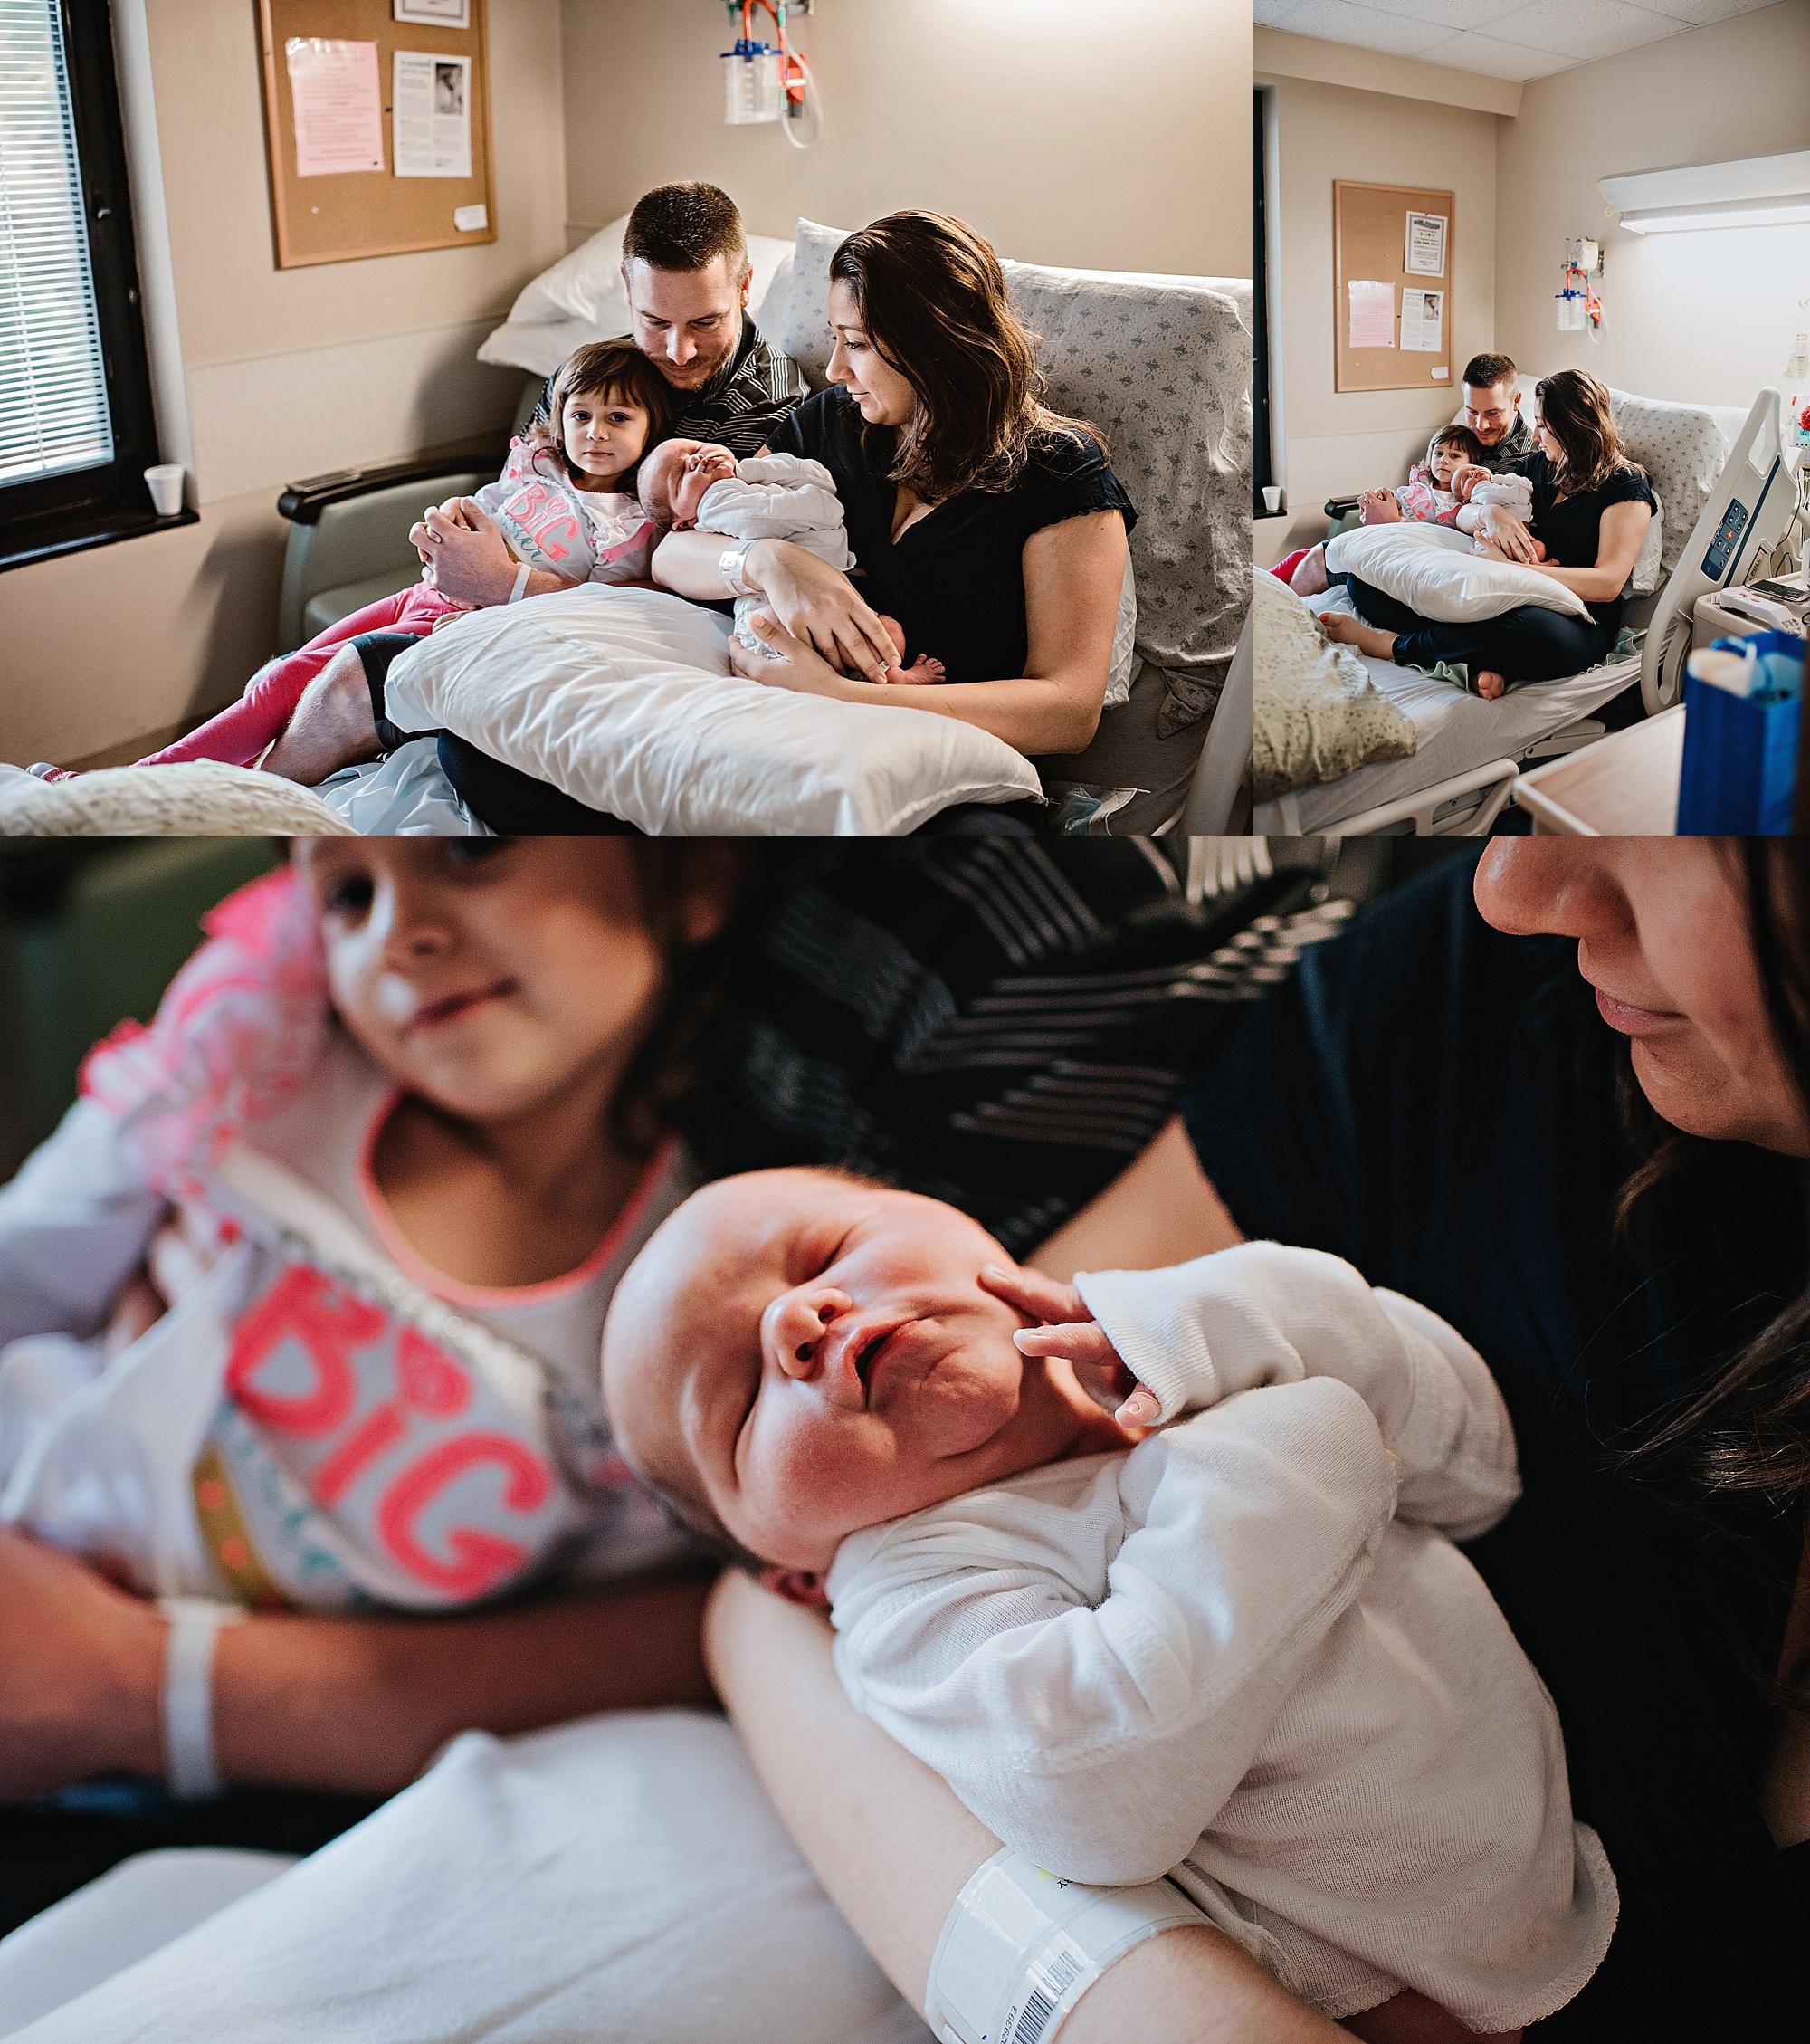 Dudones-family-cleveland-photographer-lauren-grayson-fresh-48-session_0005.jpg